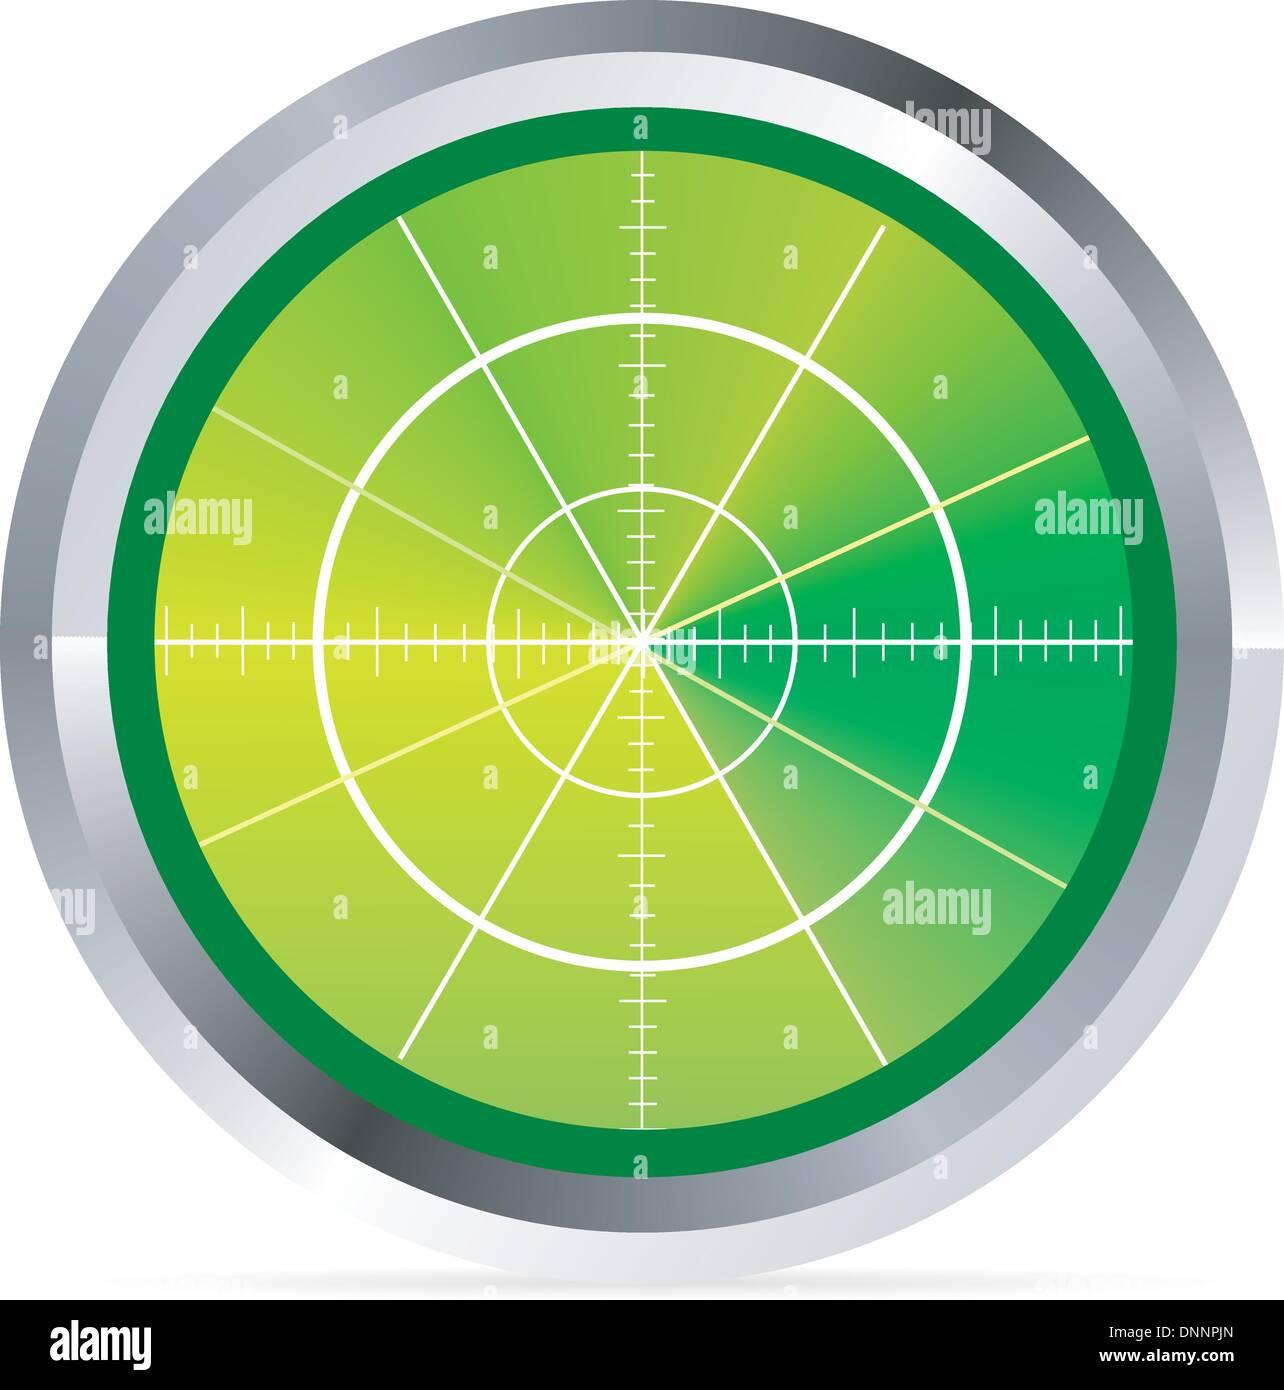 Illustrazione del radar o monitor per oscilloscopio Immagini Stock